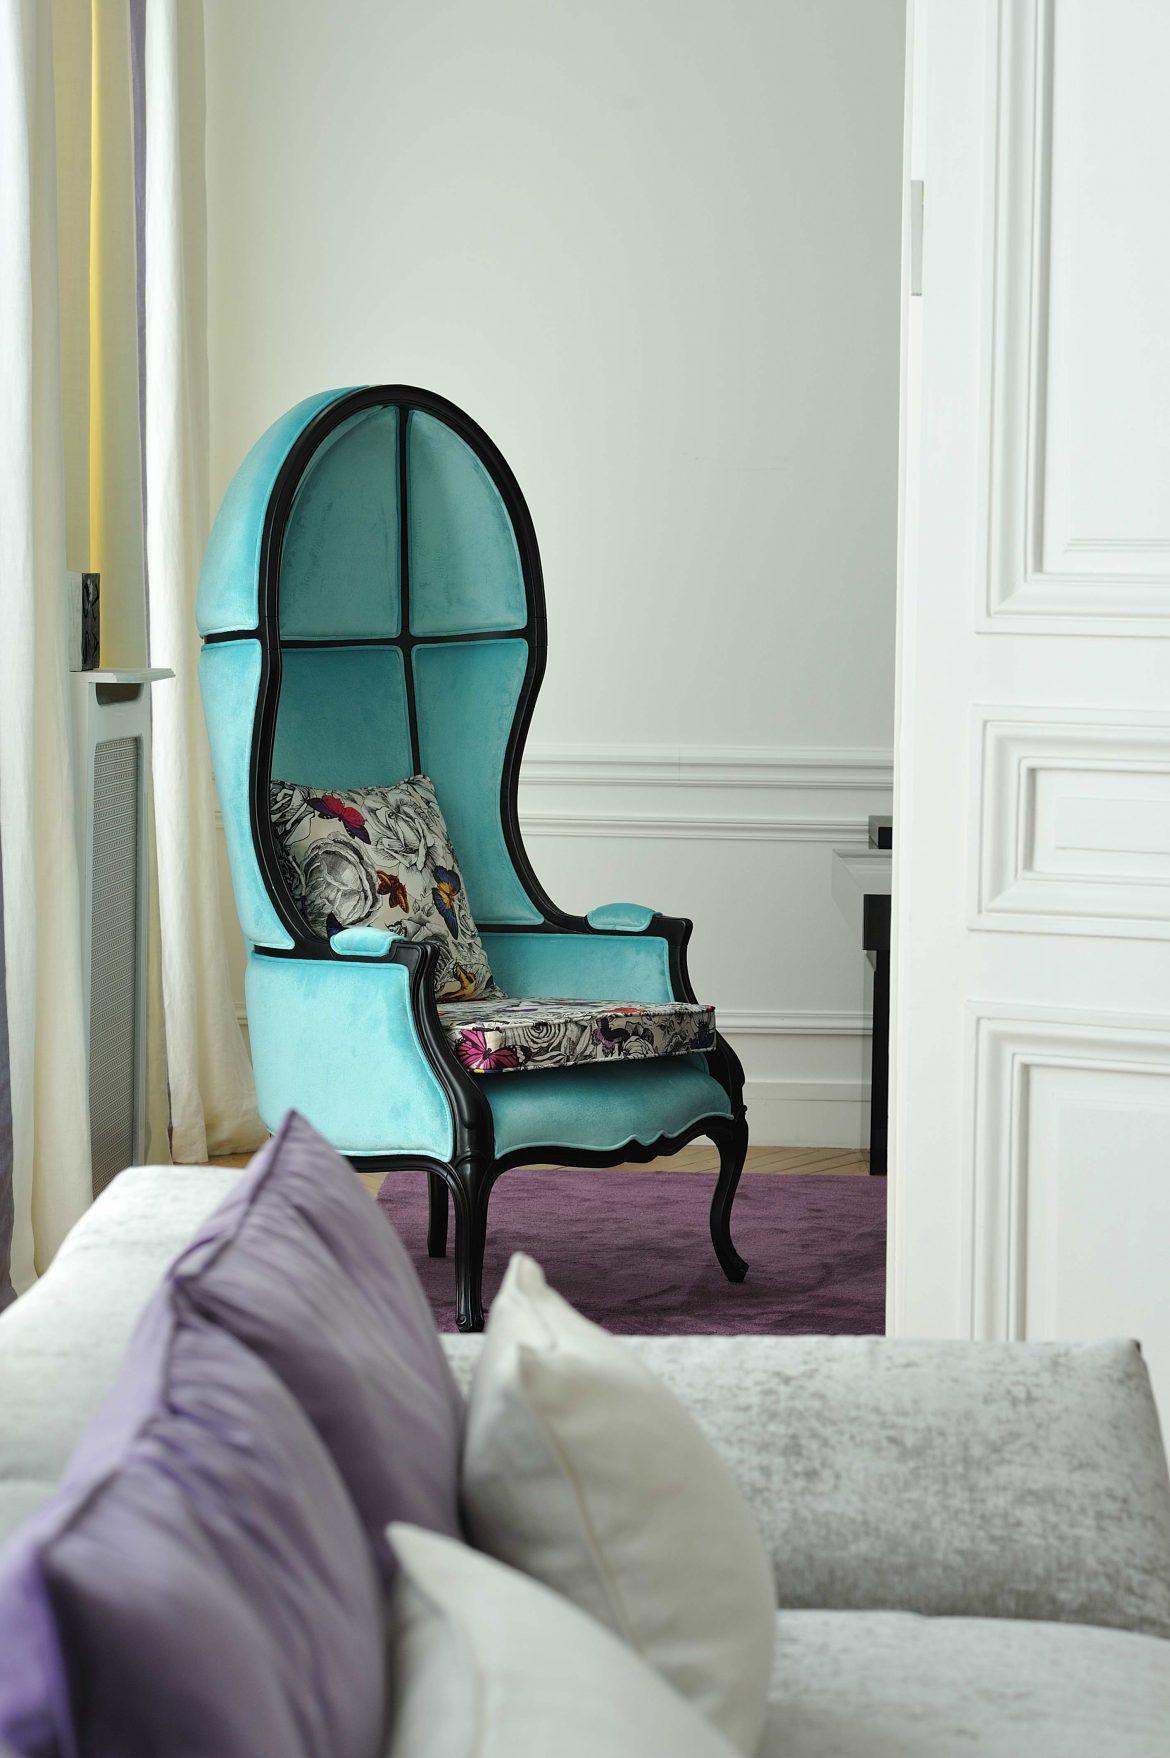 Inspirez-vous de la décoration d'intérieur du Art Chic Apartment! décoration d'intérieur Inspirez-vous de la décoration d'intérieur du Art Chic Apartment! 4